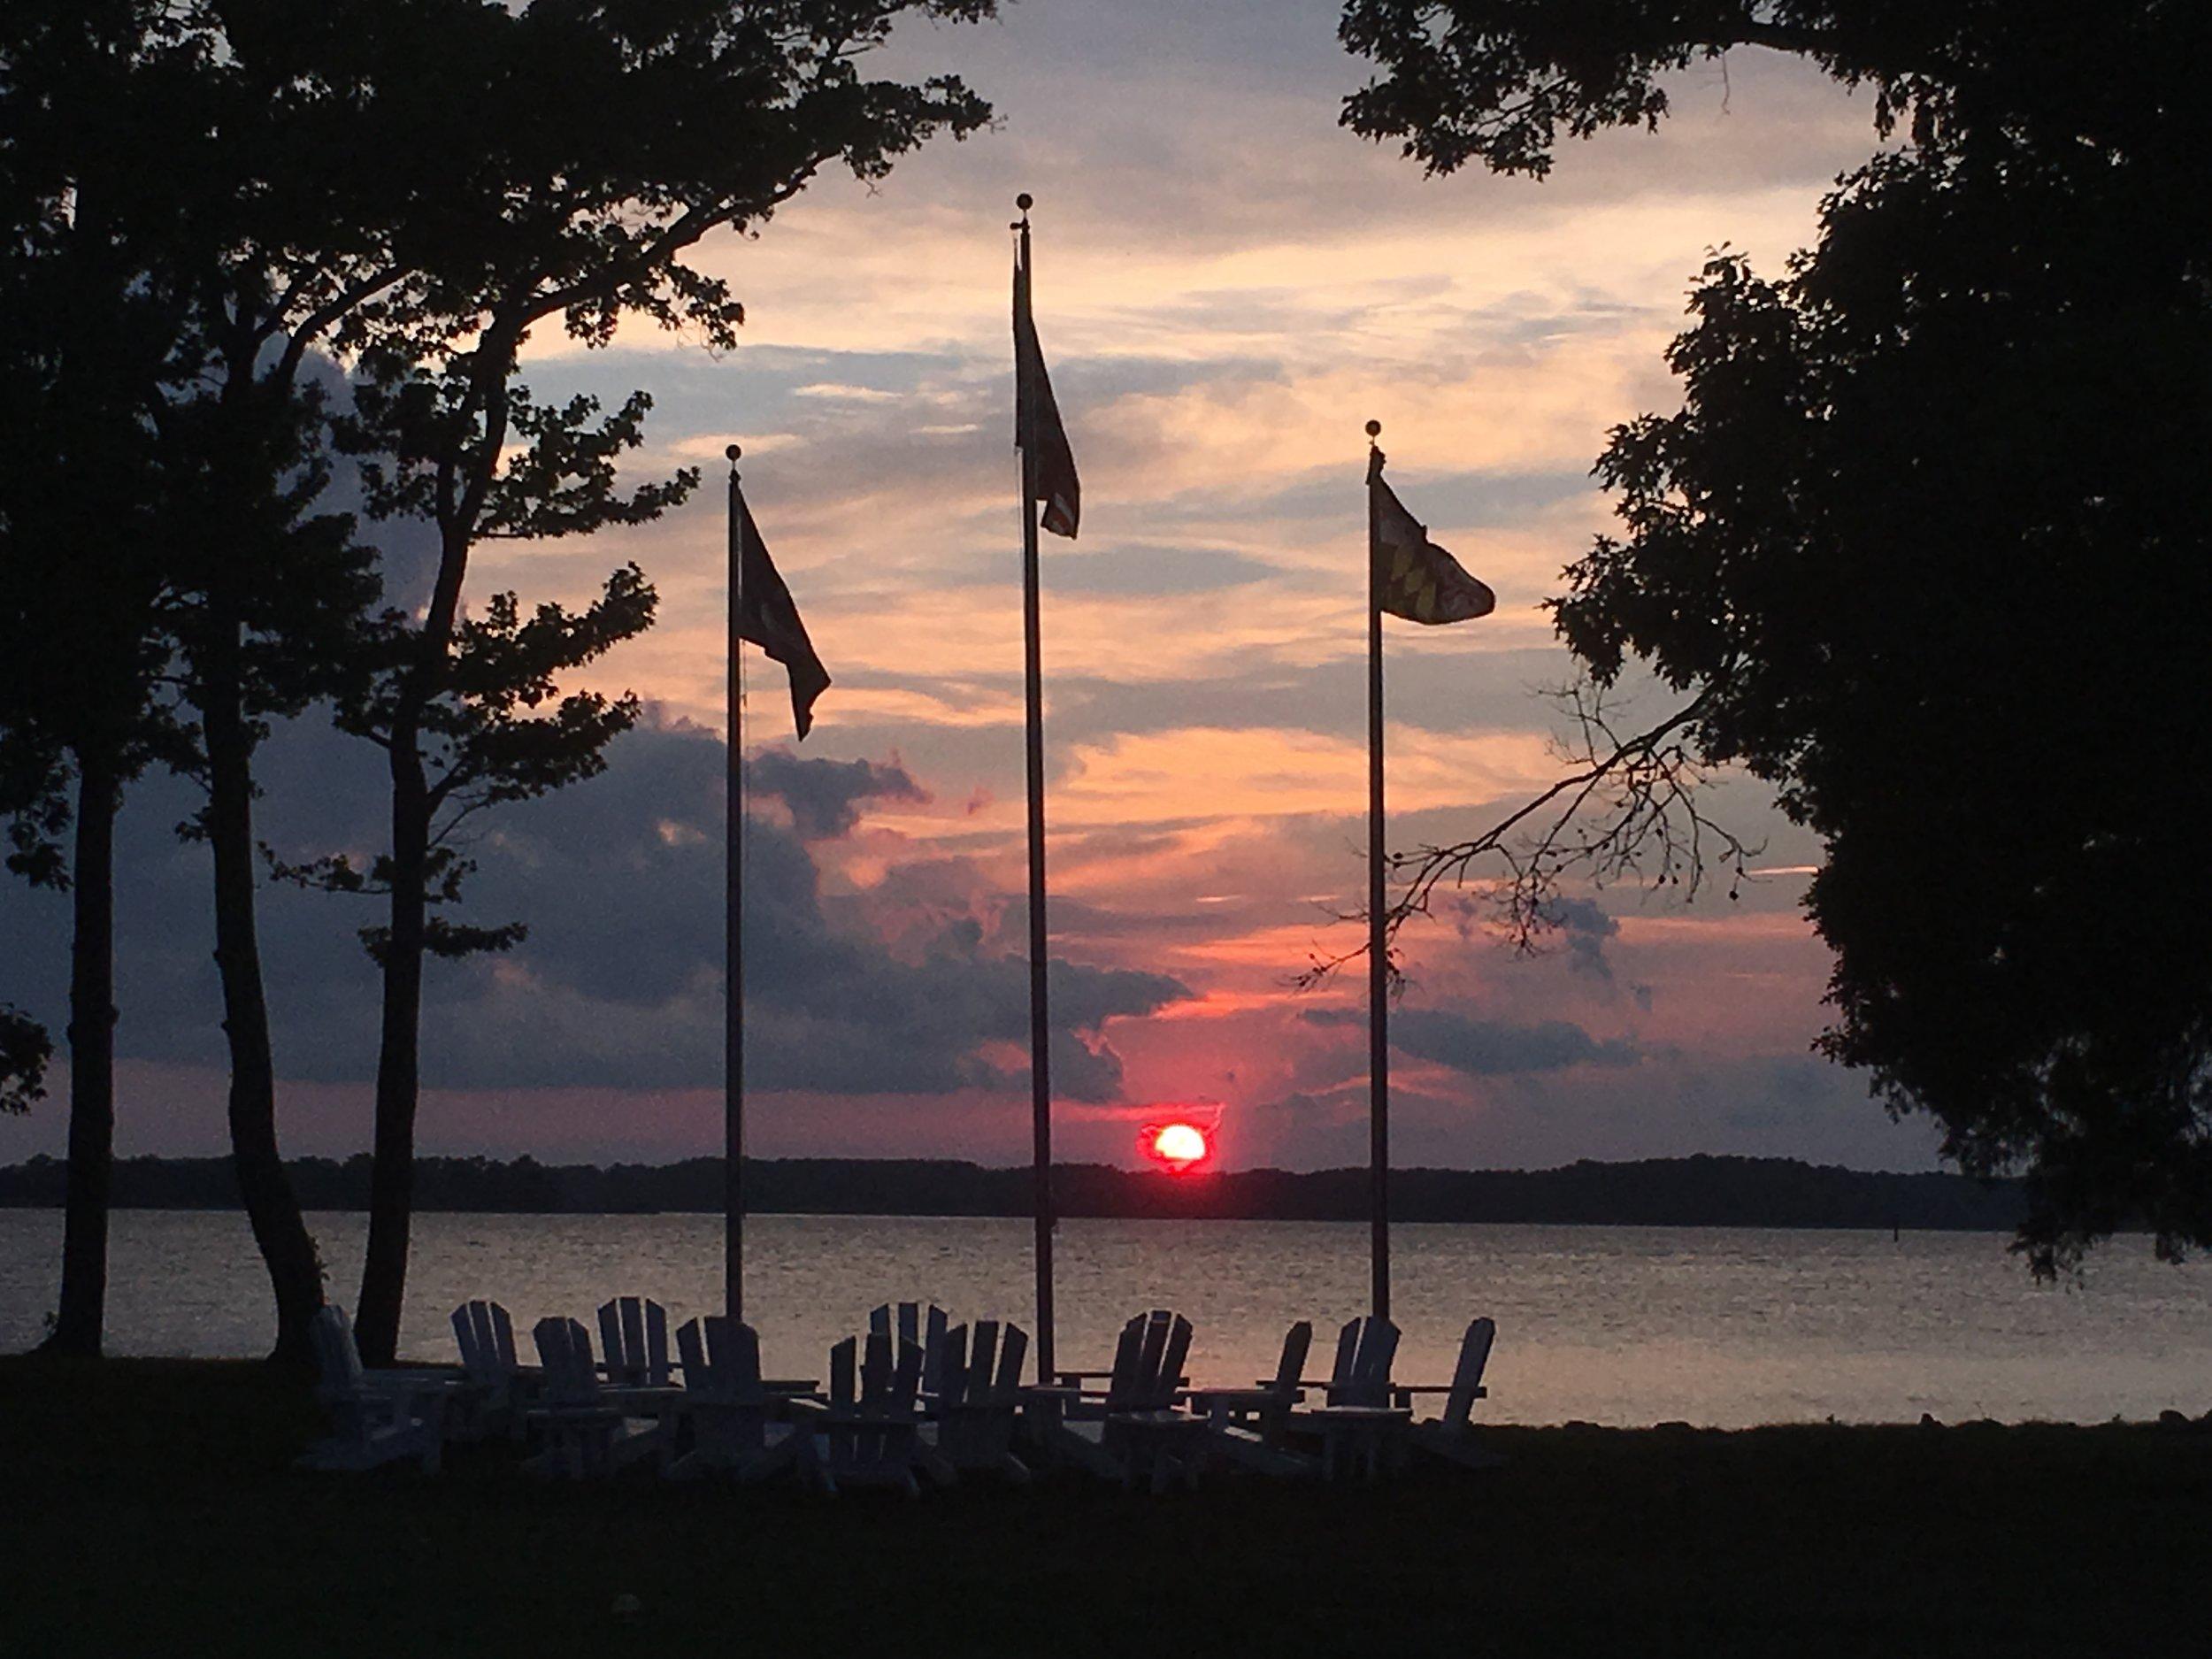 Chesapeak Bay, Debra Huse.jpg